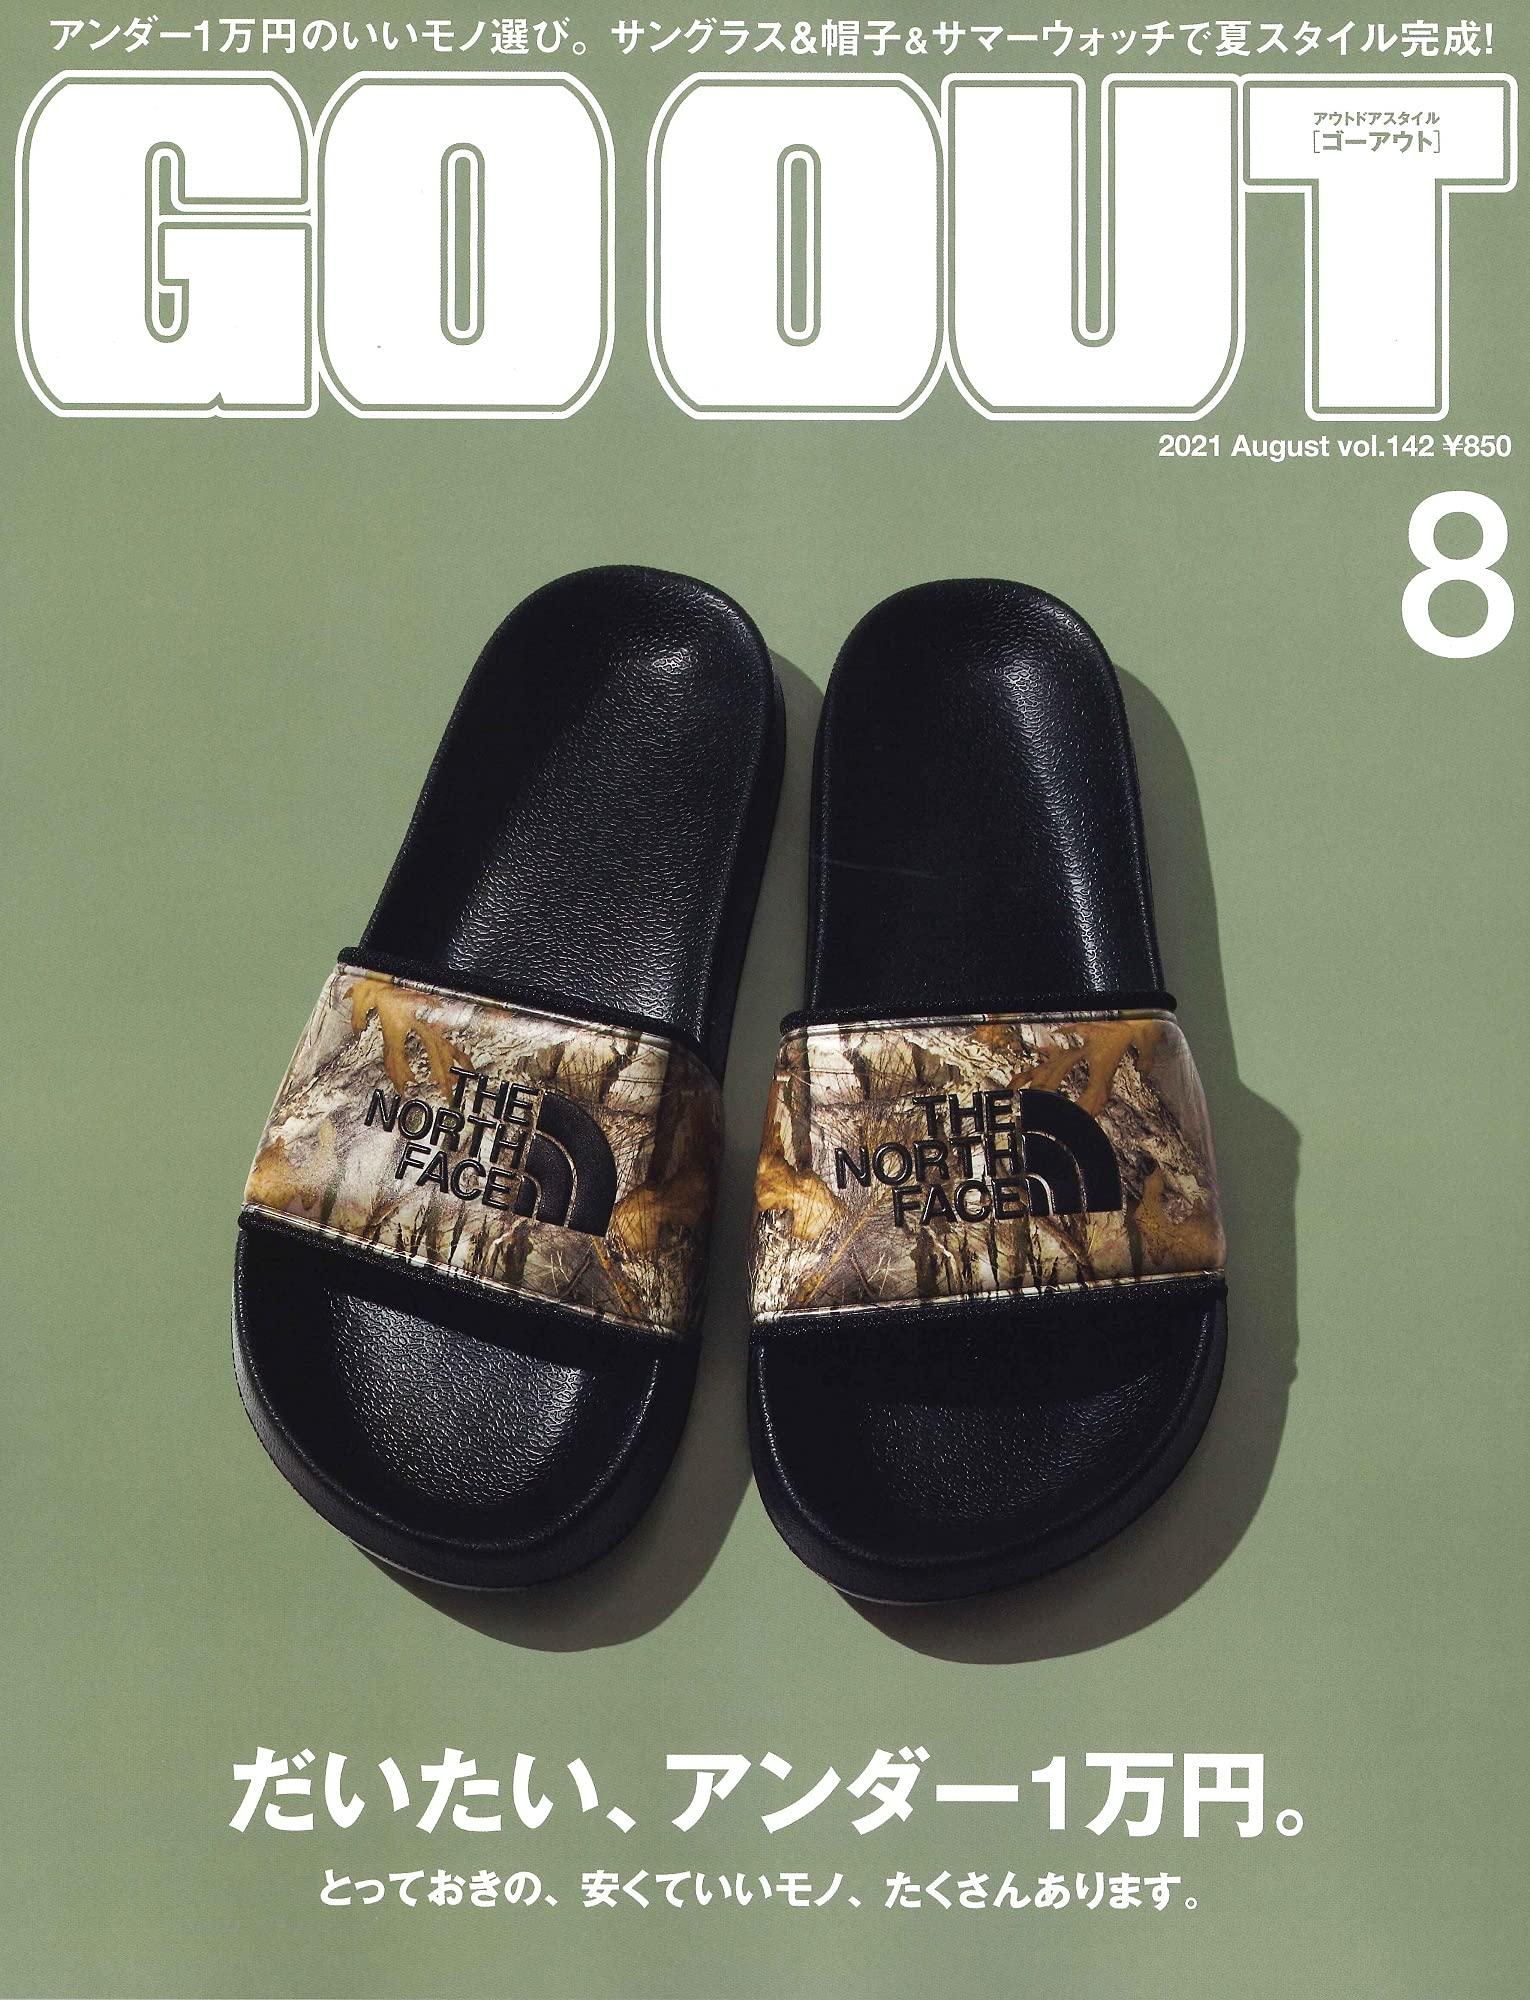 CimarronオリーブがGO OUT Magazine  Vol.142 に掲載されました!